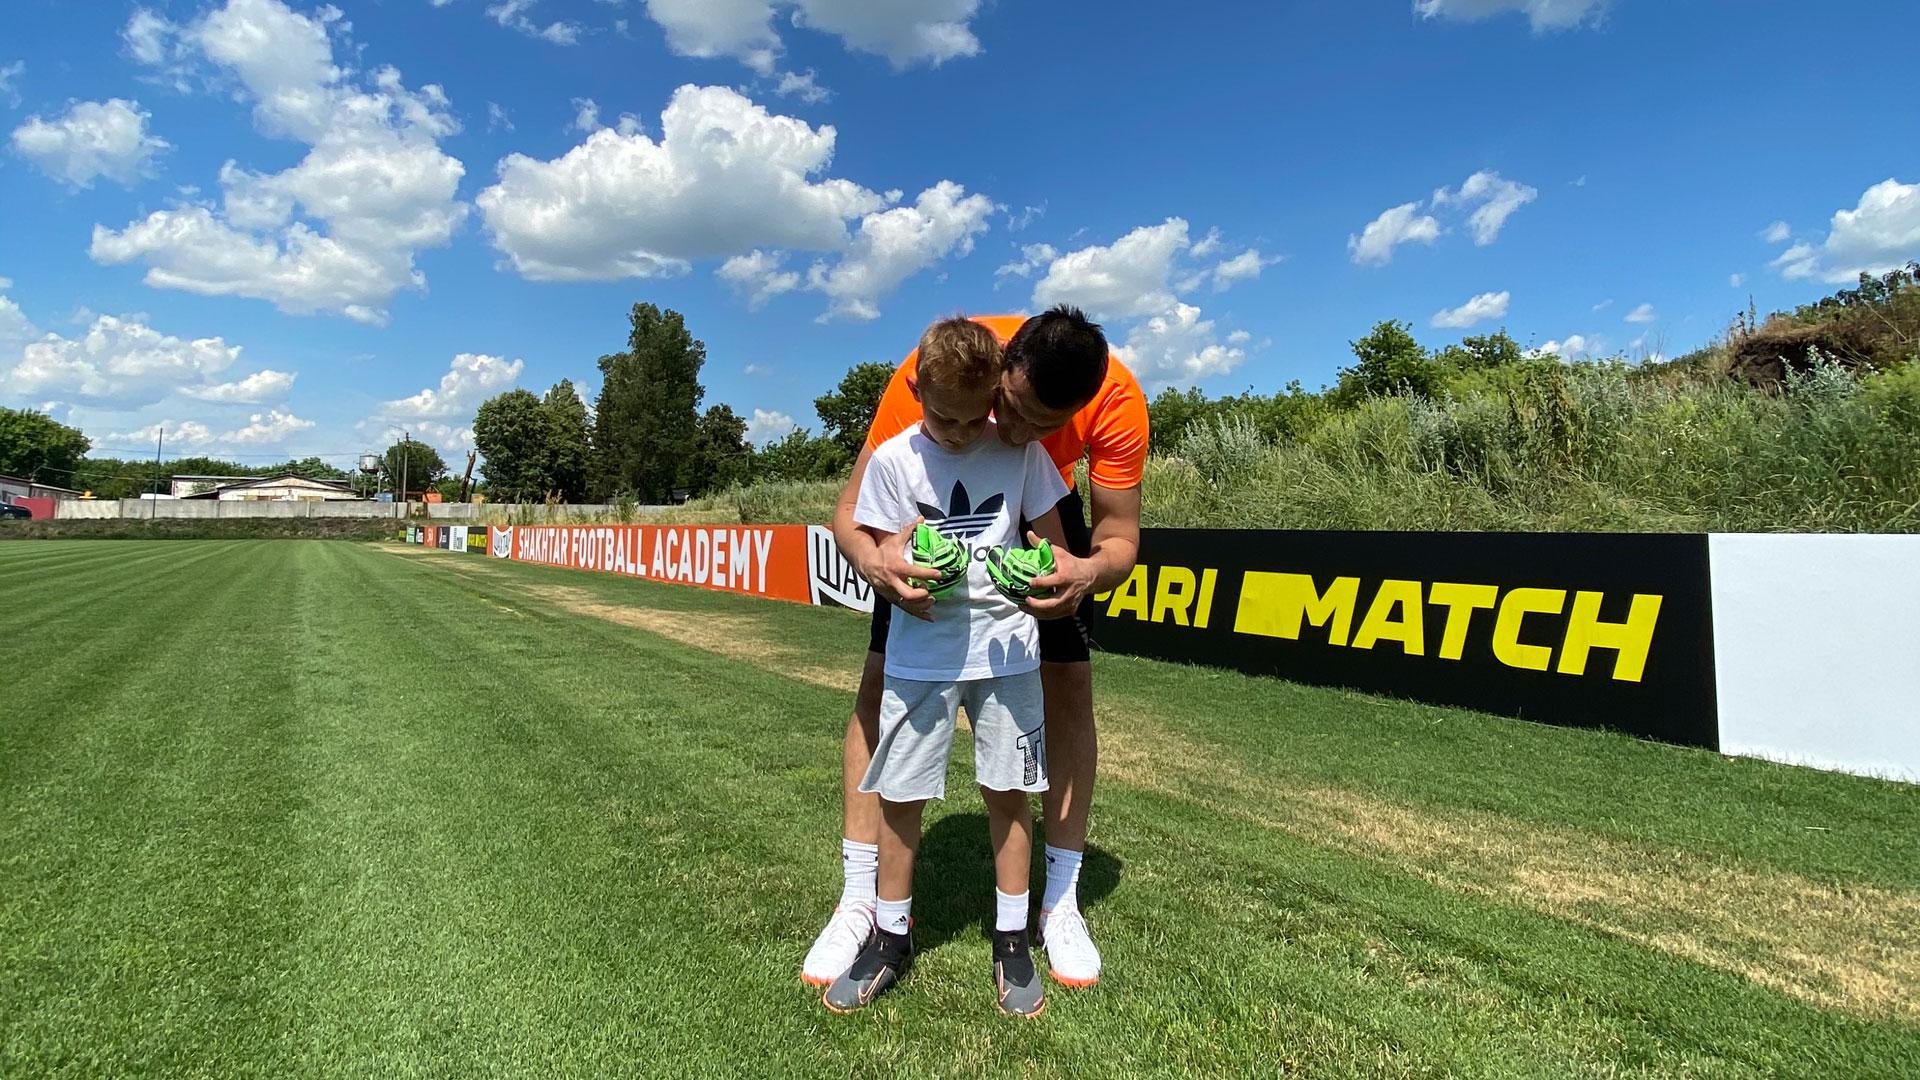 Children's goalkeeper gloves Brave GK-online store Brave GK